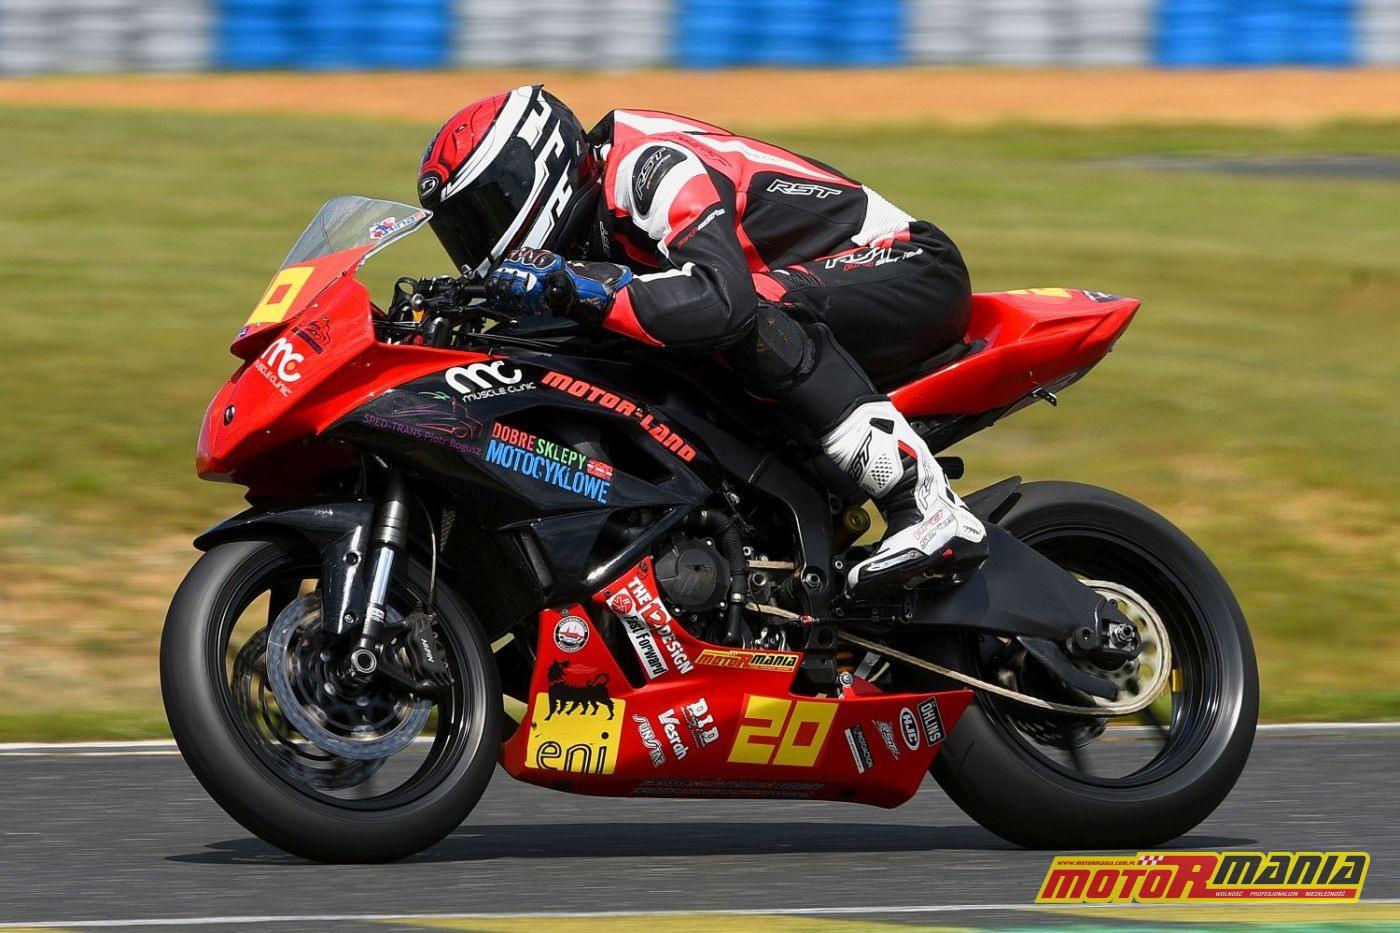 Buty RST RACE BOOT - Rinas testuje (3)